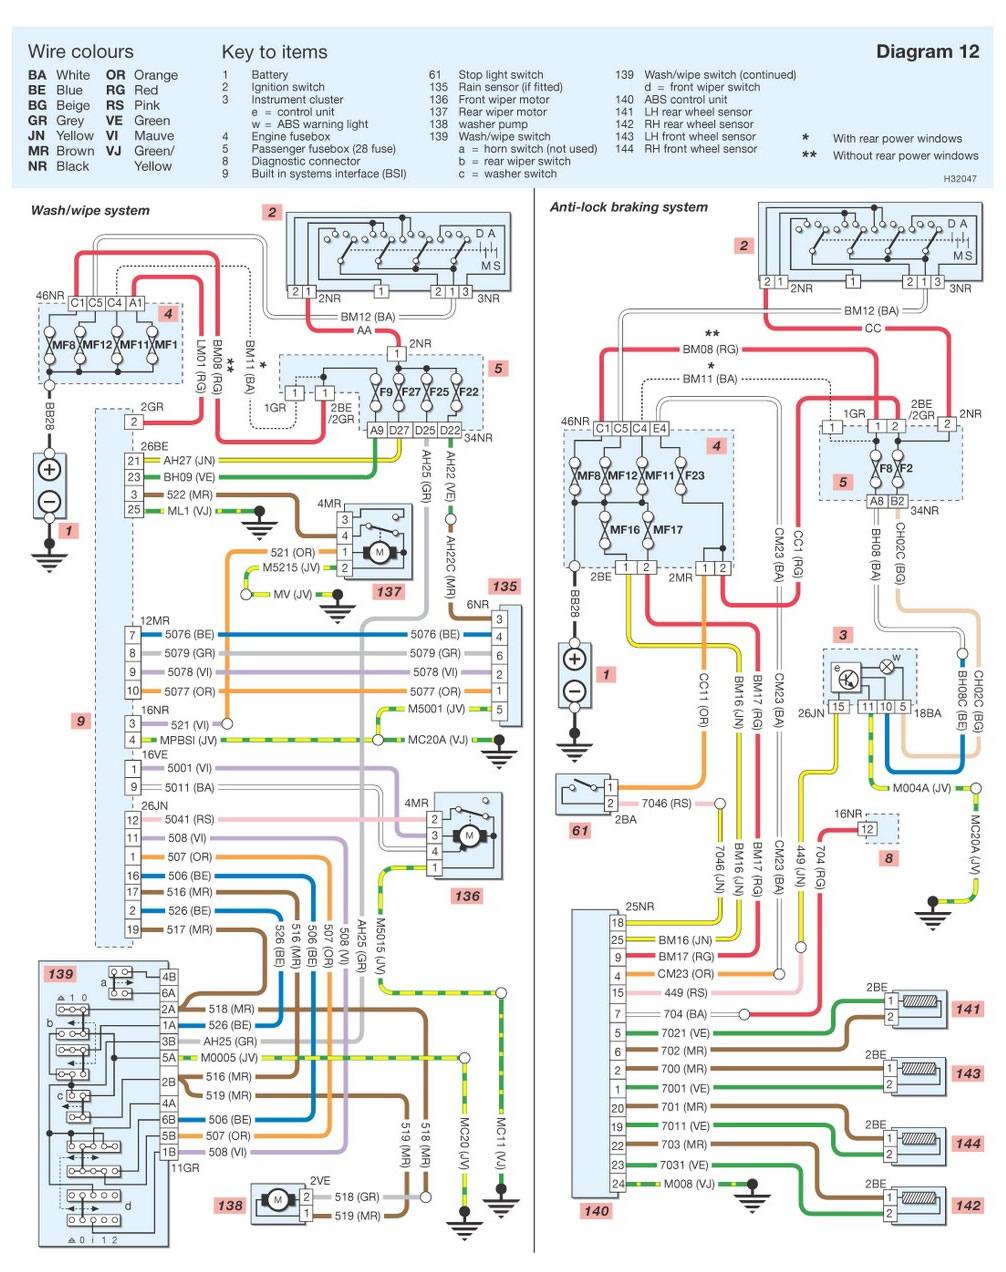 206 Cc 2002 Make Wiring Diagram    Service Manual